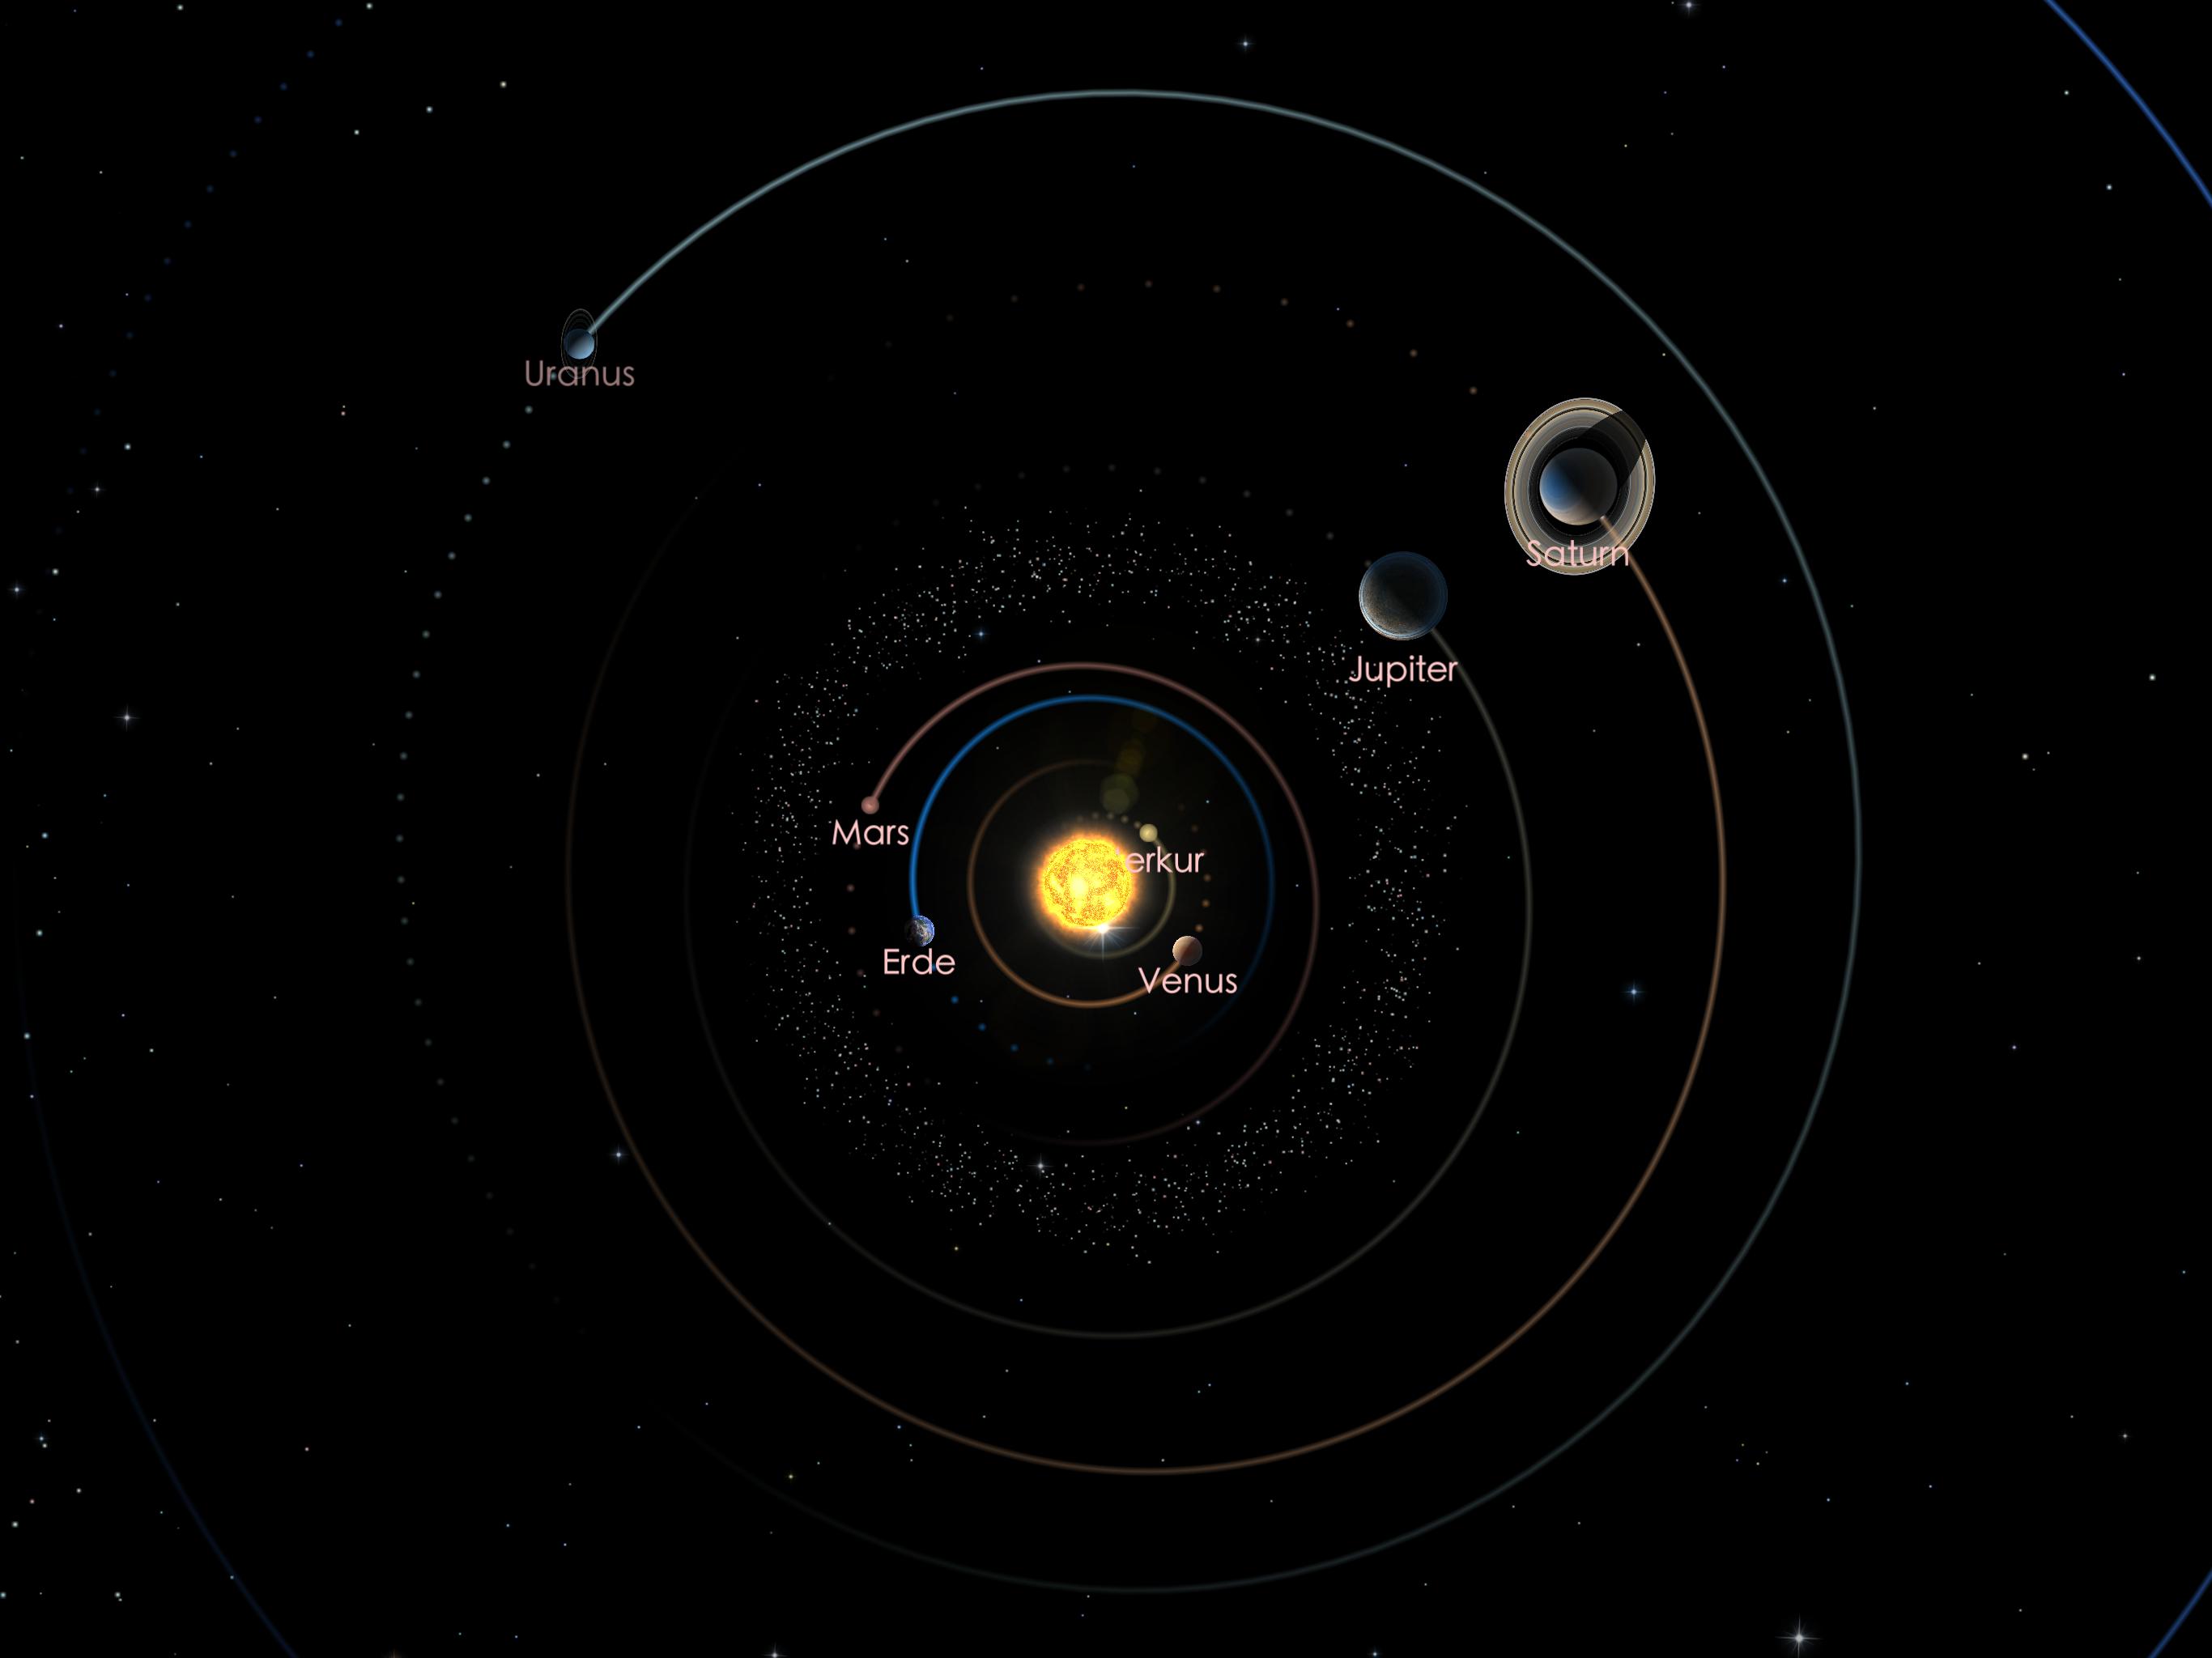 Die Positionen der äußeren Planeten am 01.01.21